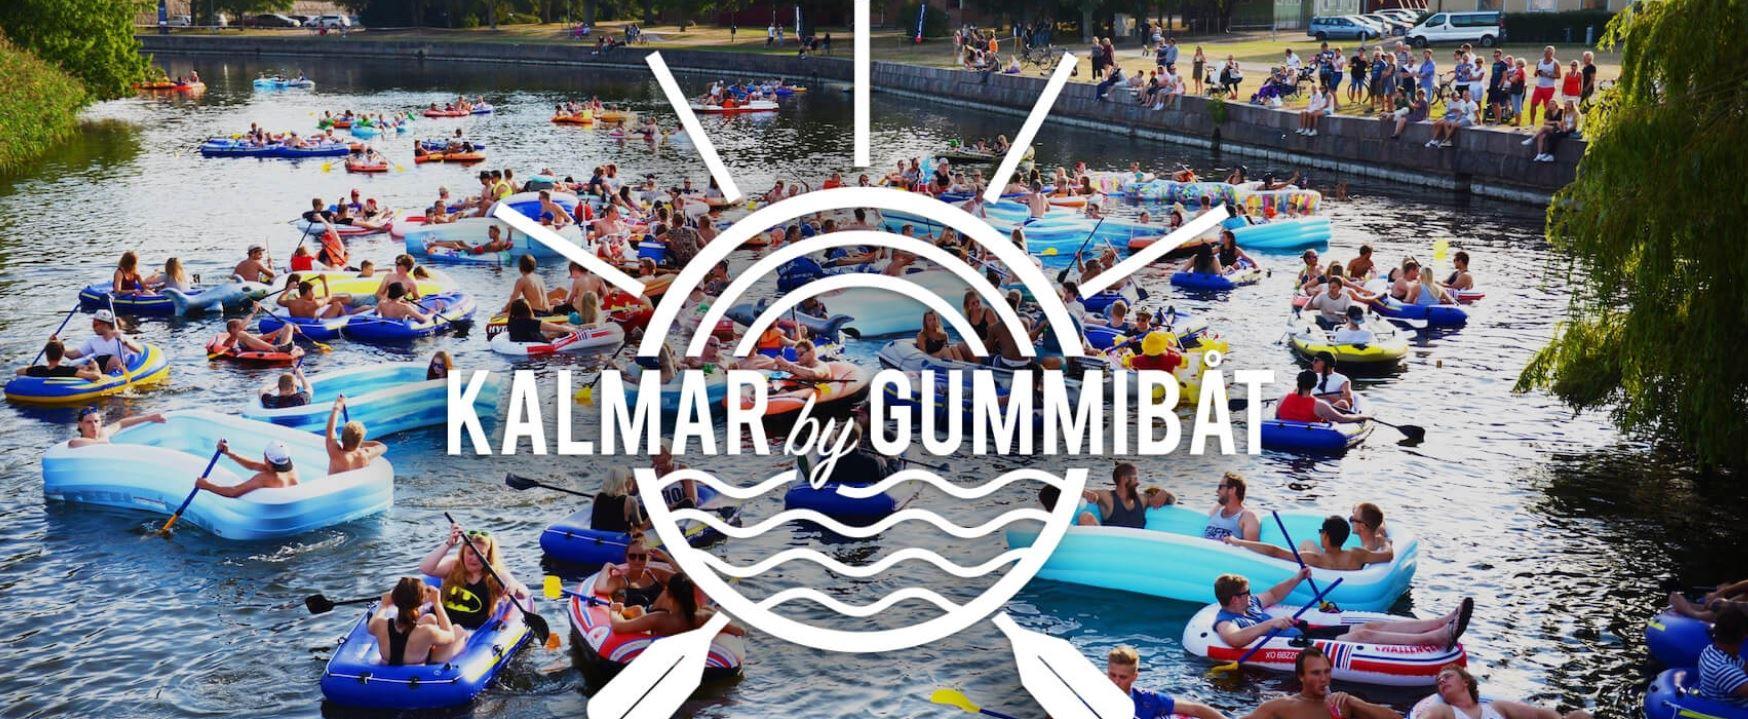 Kalmar By Gummibåt 2019